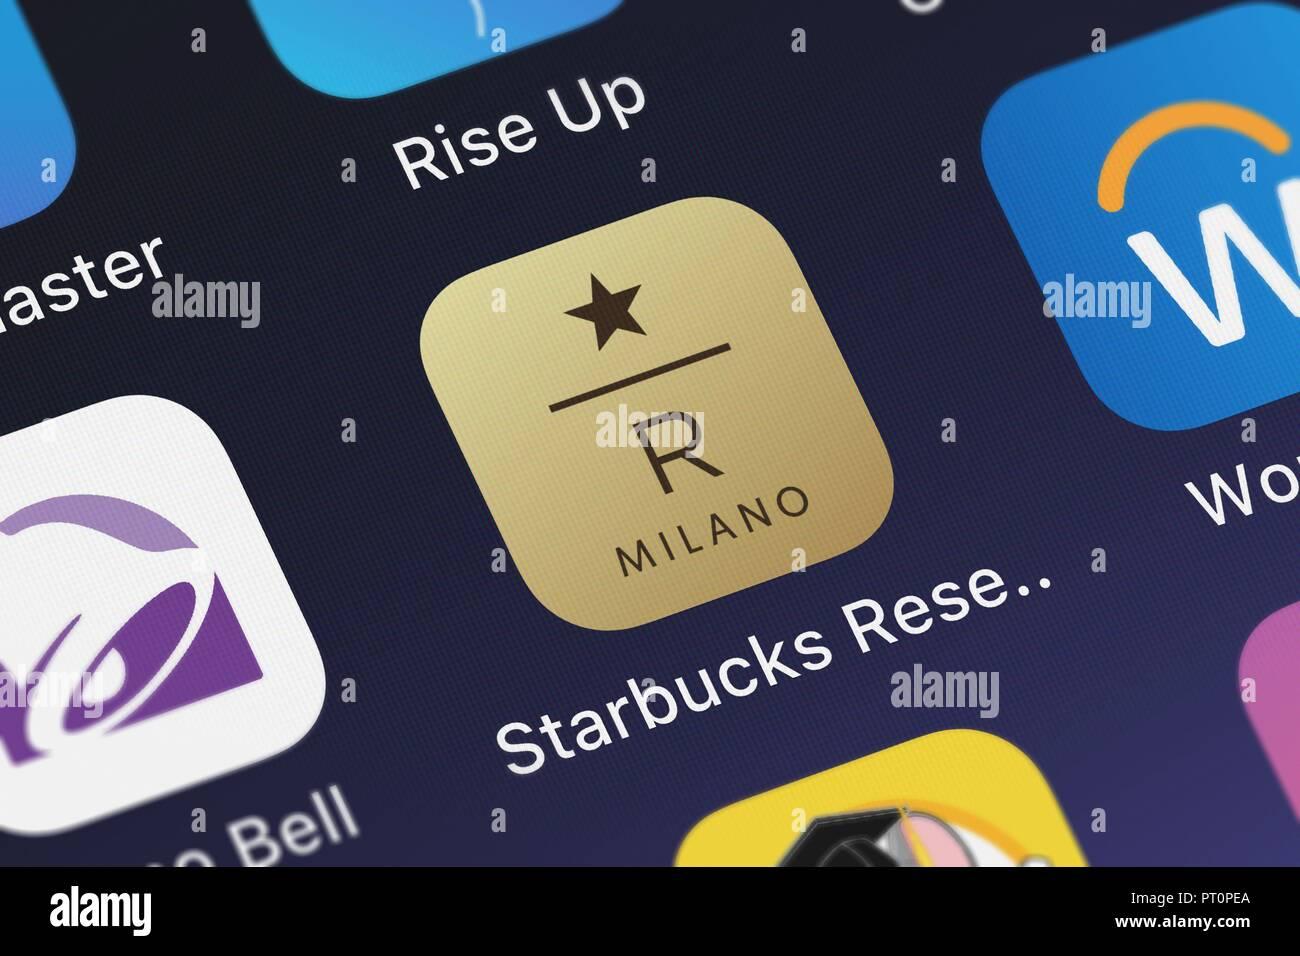 Starbucks Coffee App Stock Photos Starbucks Coffee App